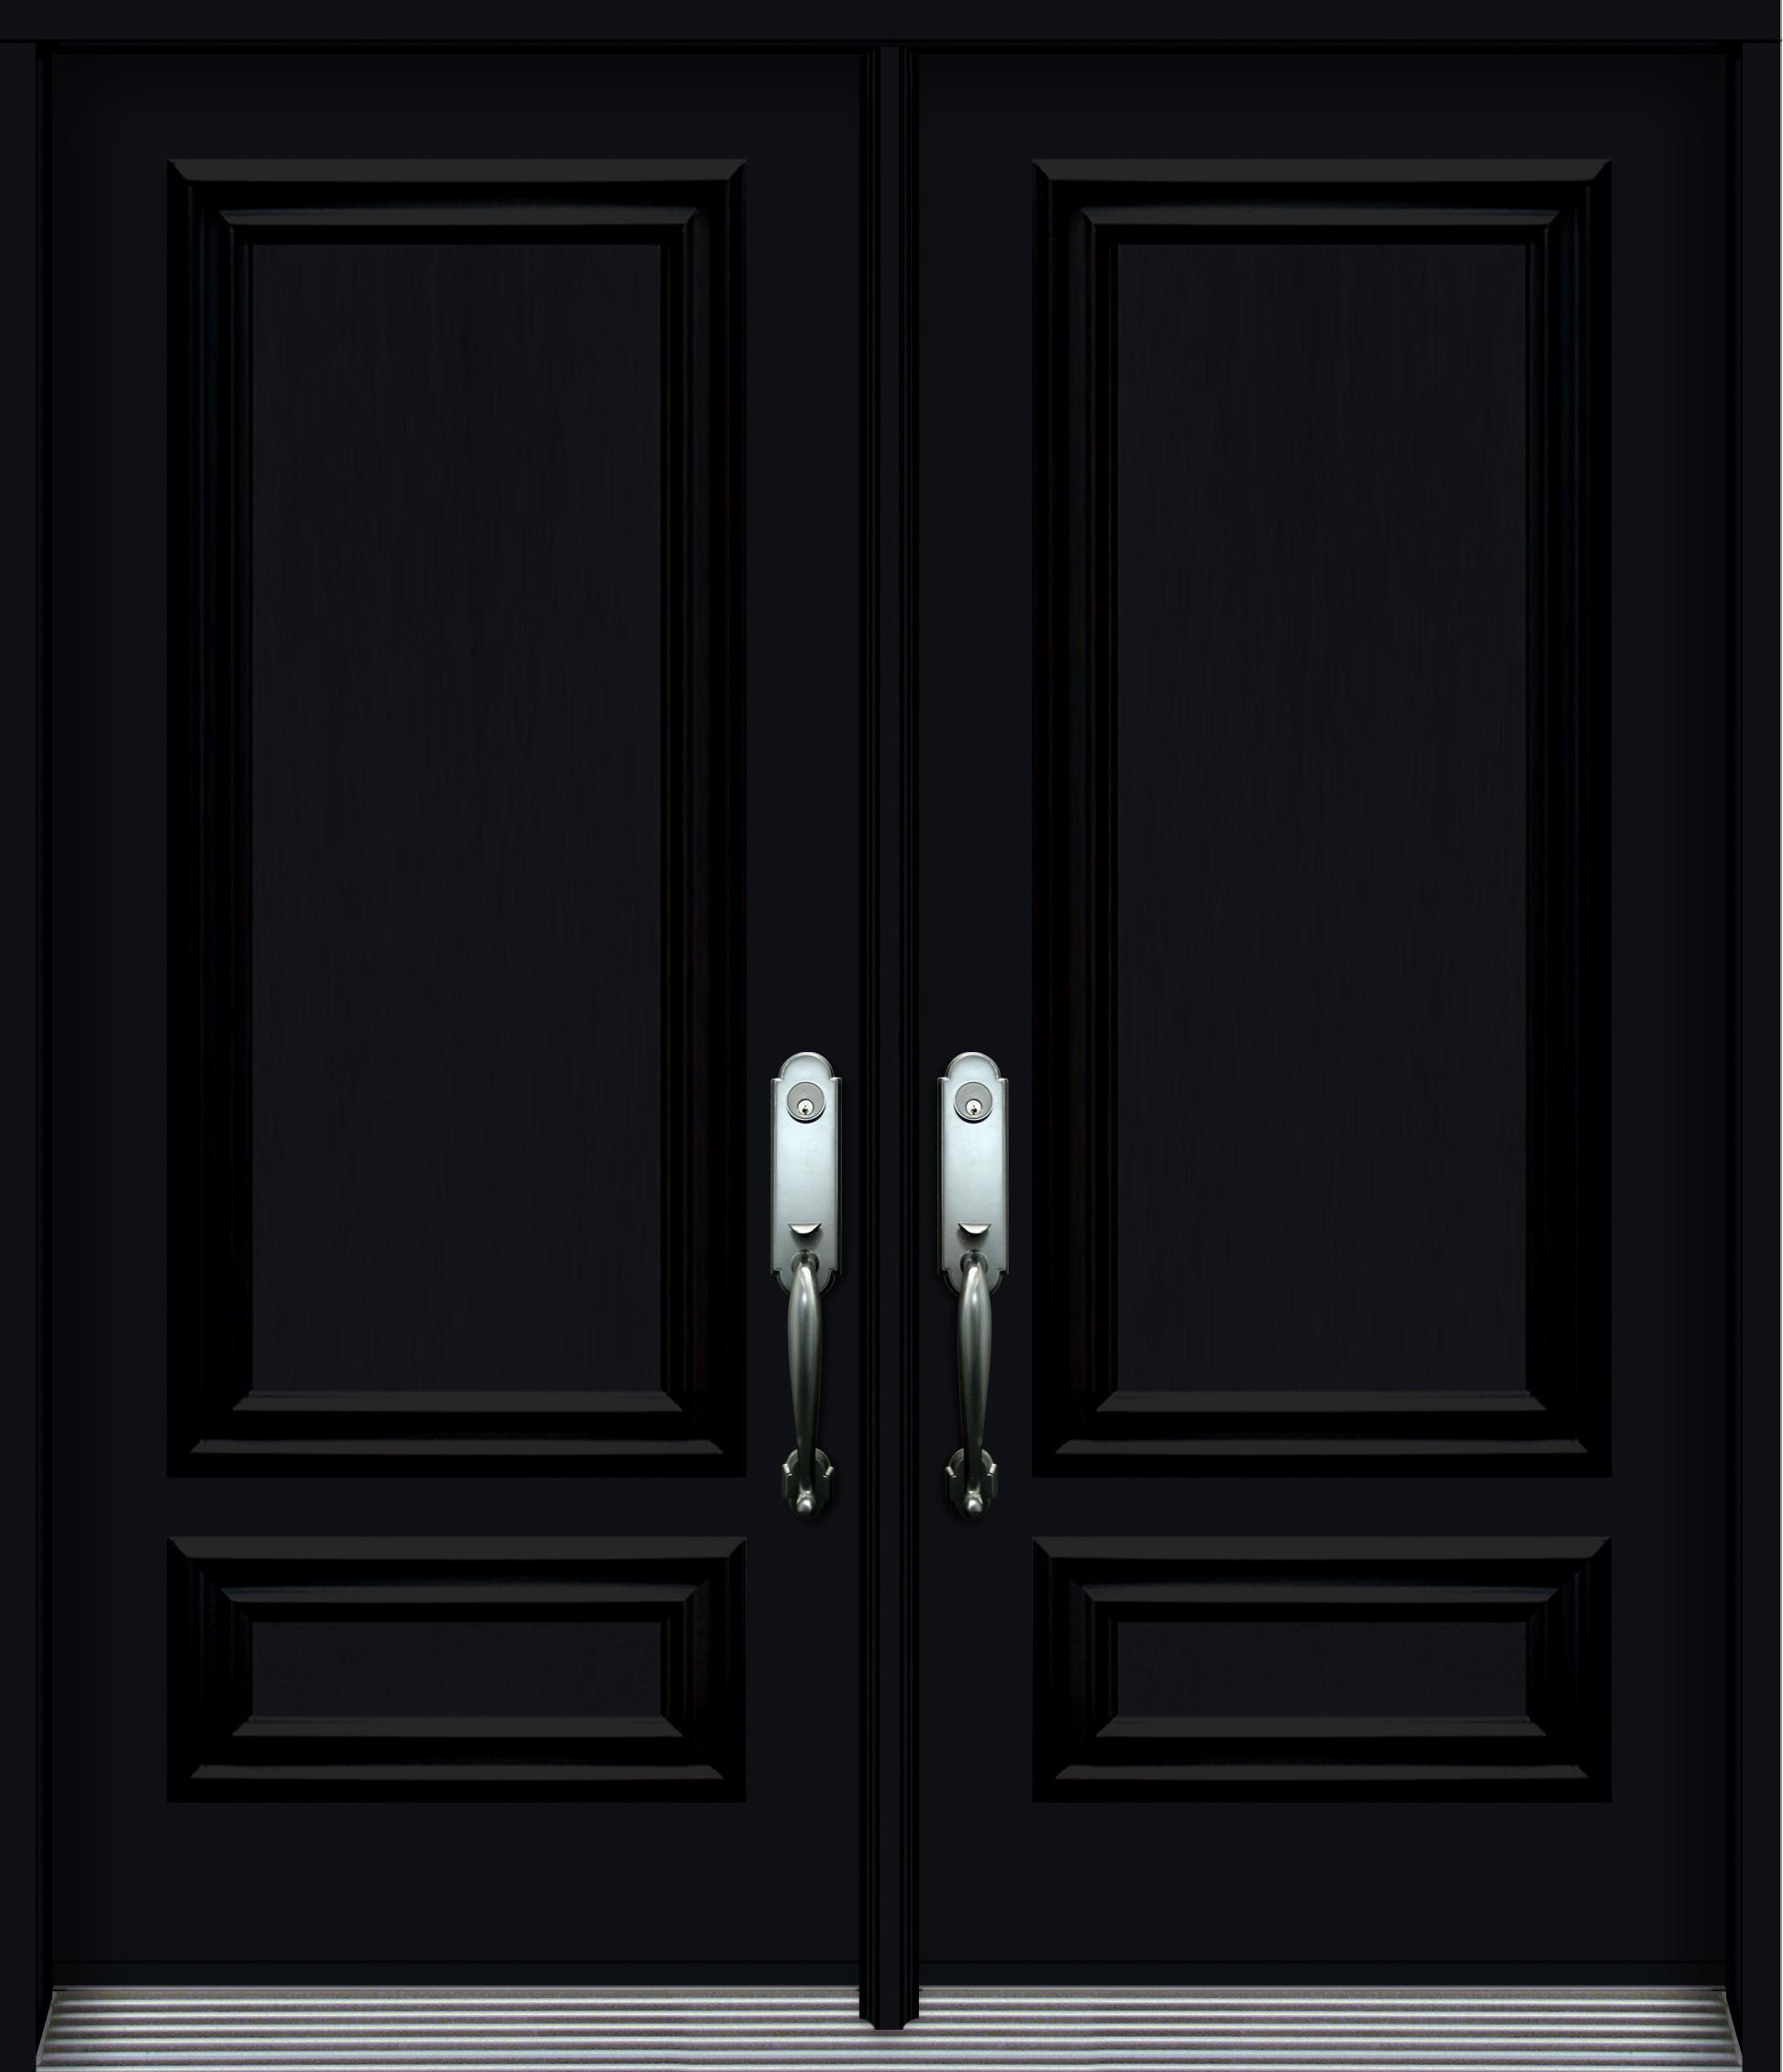 Nb5410 Steel Double Door With Decorative Panels Black